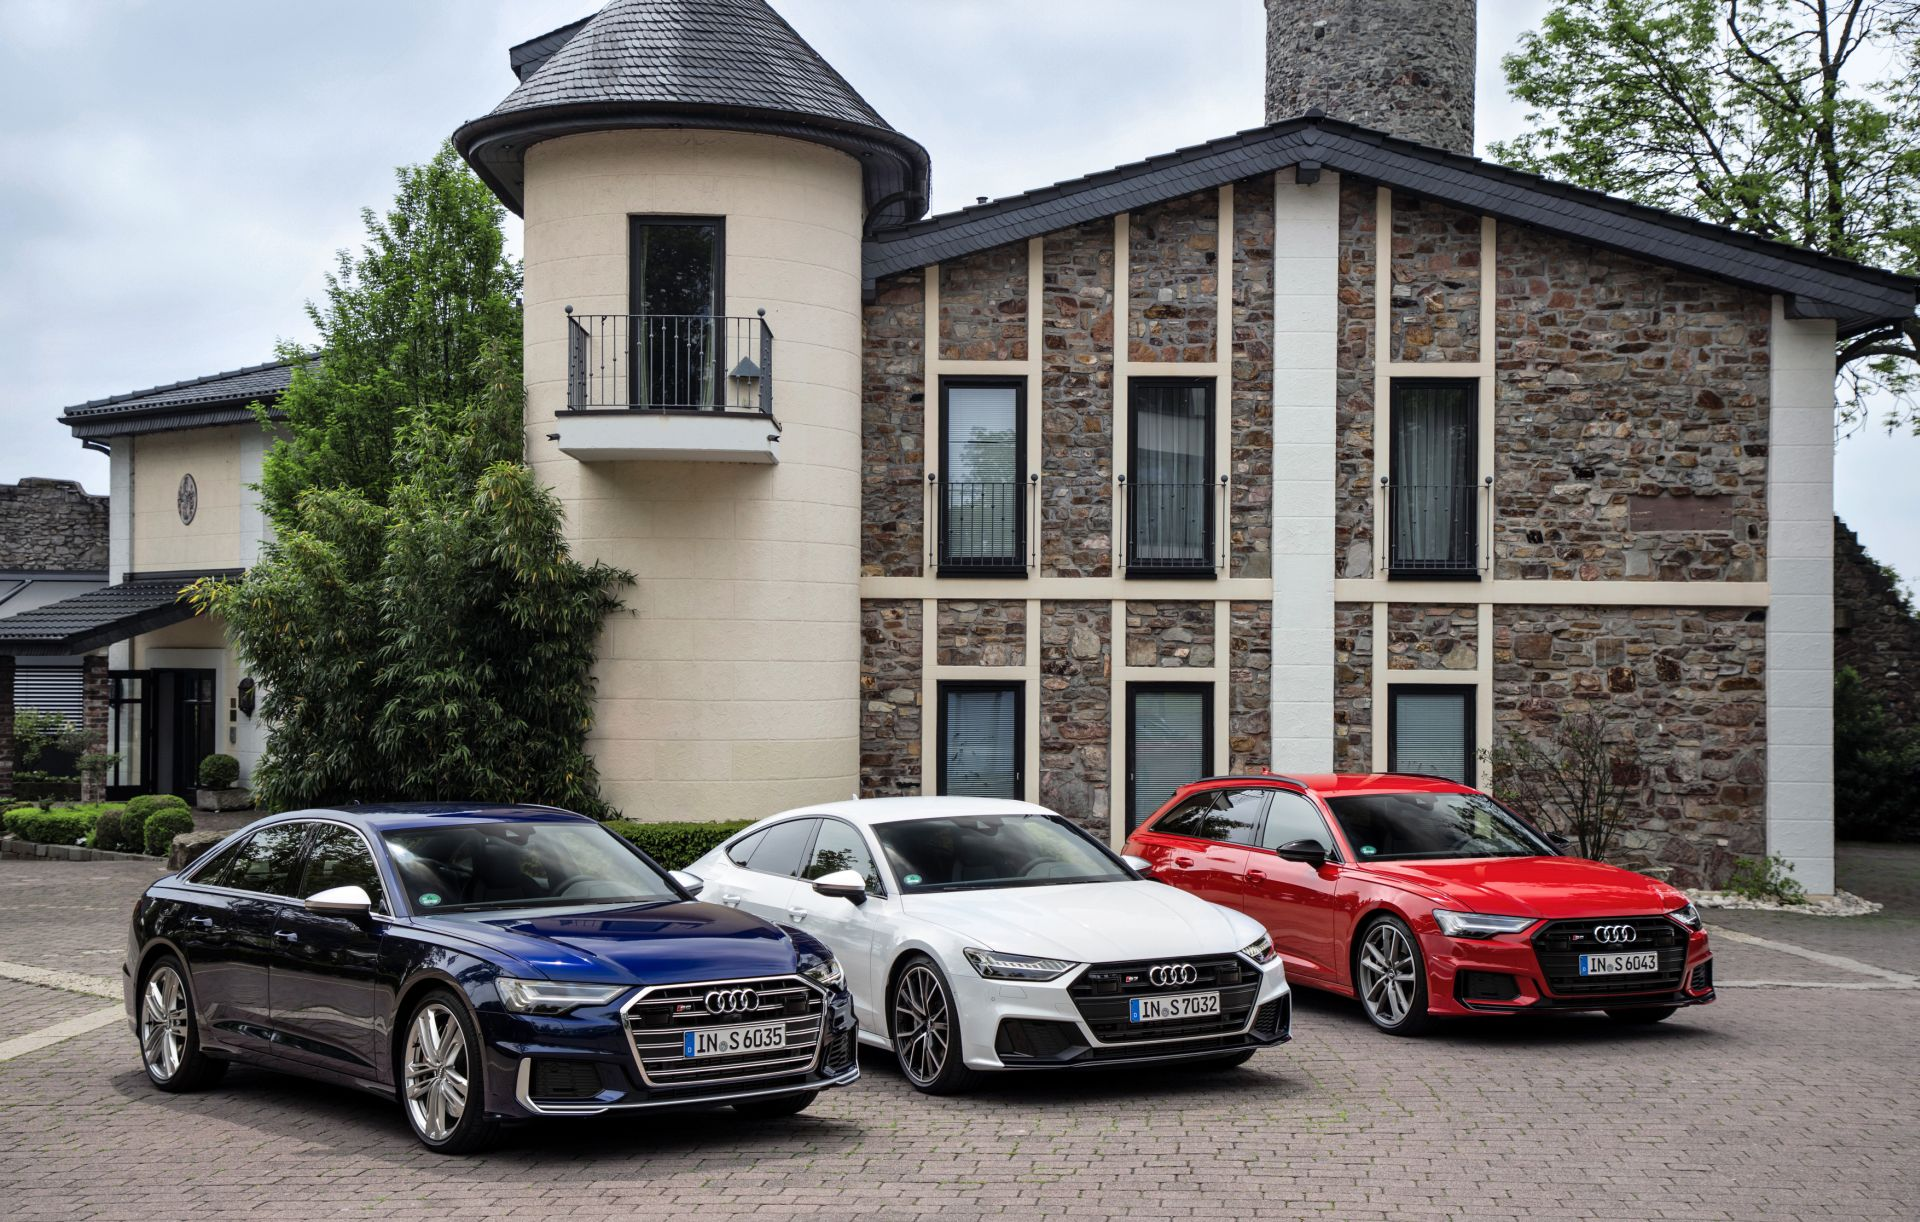 Modely Audi S dostaly pod kapotu naftový šestiválec TDI